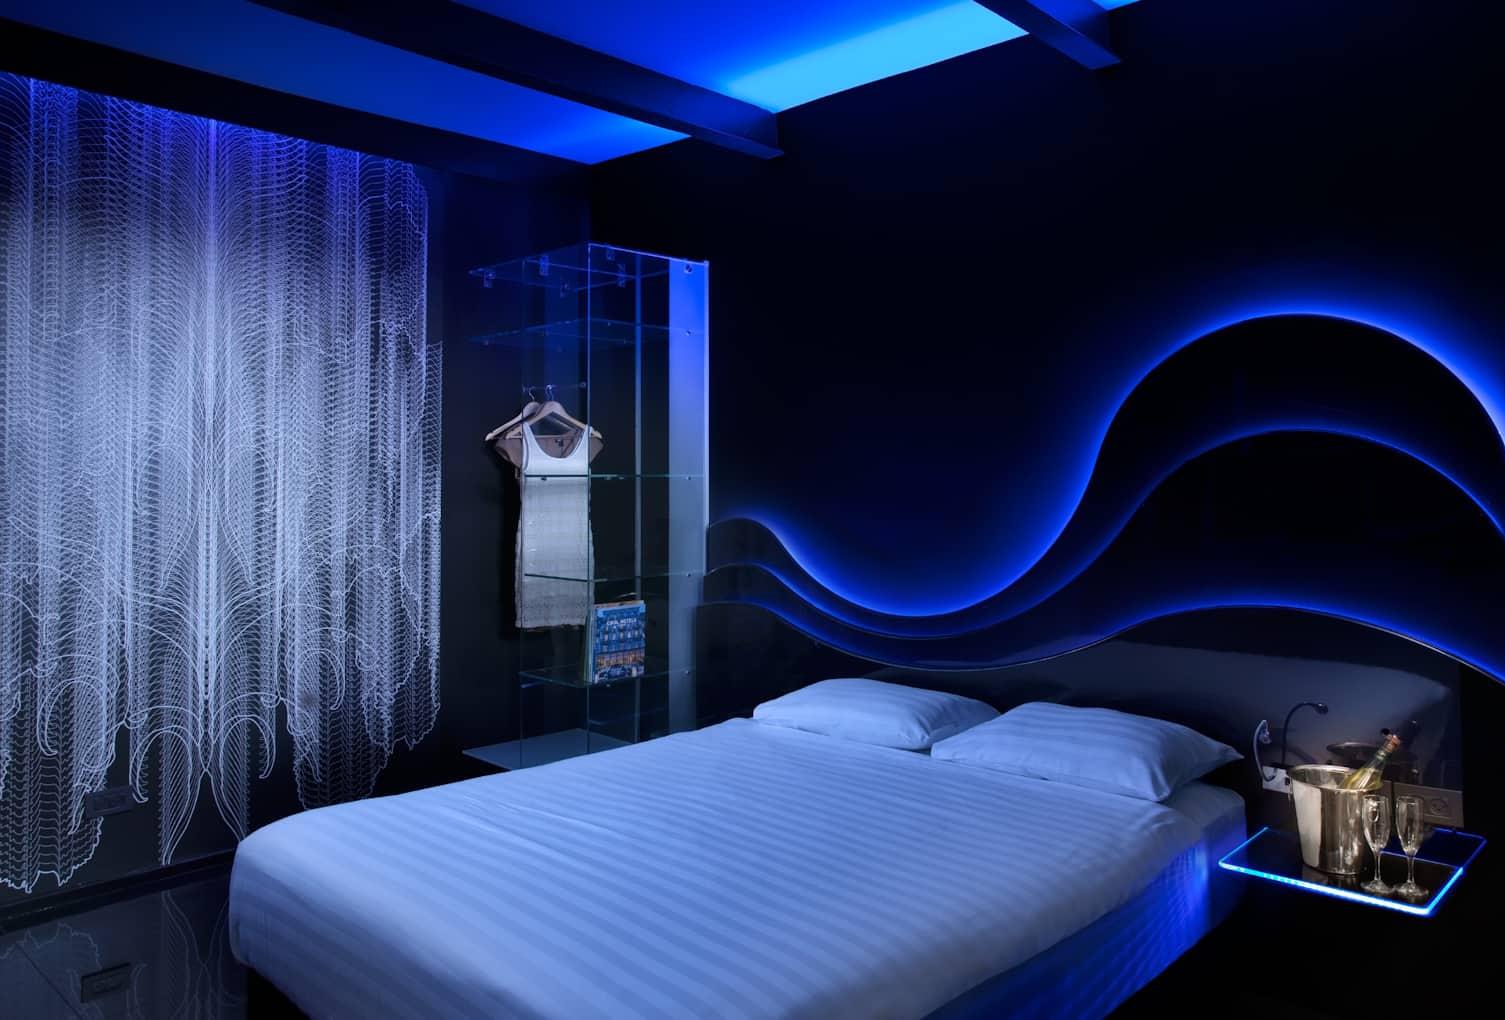 מלון הטמפלרס בחיפה  צילום יחצ